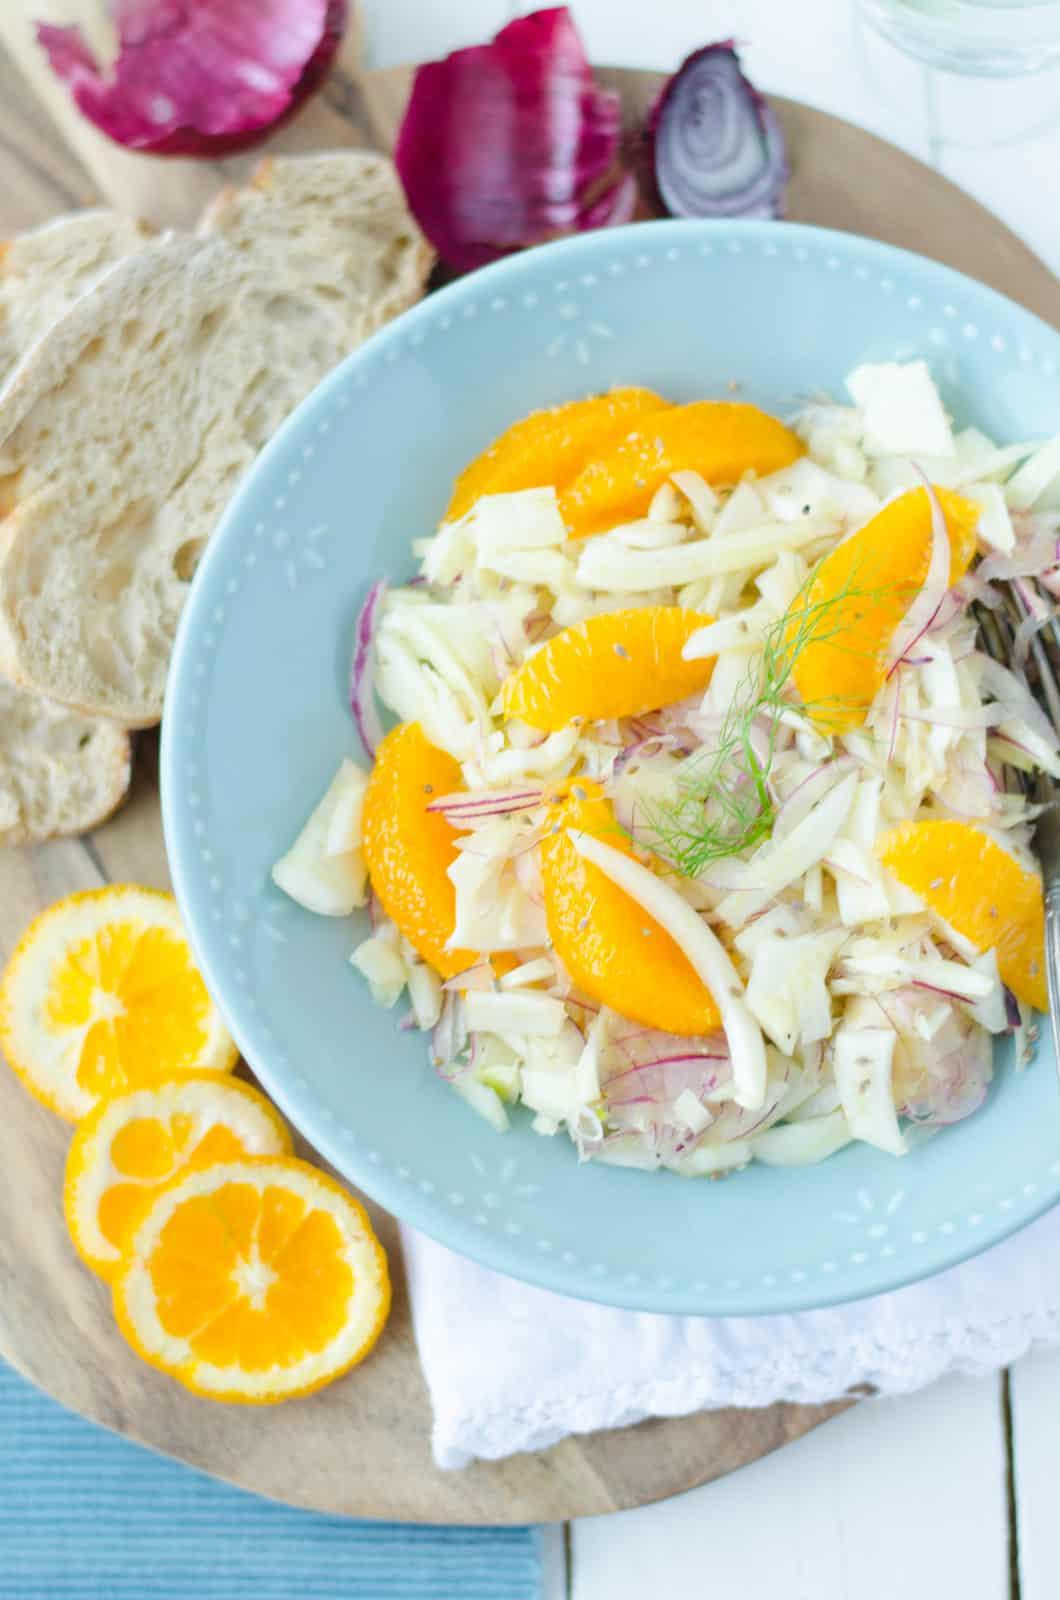 Salade de fenouil à l'orange & à l'anis vert